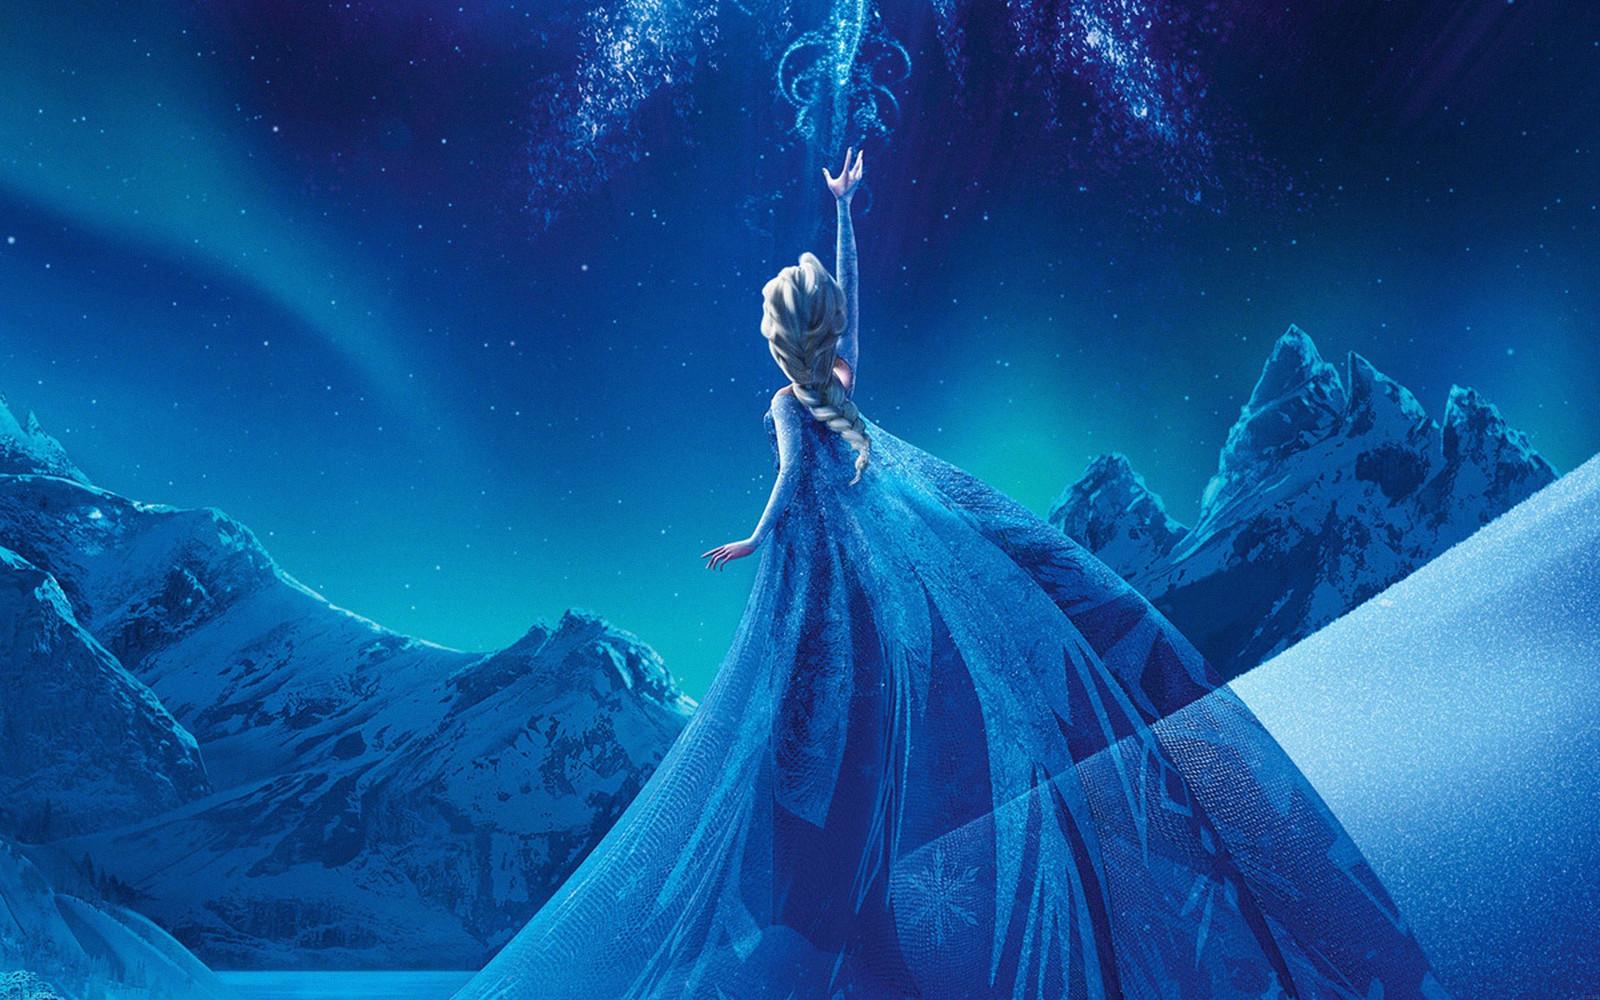 filmy ľad podvodné frozen film animované filmy Disney zornička Princess  Elsa loď duchov screenshot 2880x1800 px ad41f35bc50